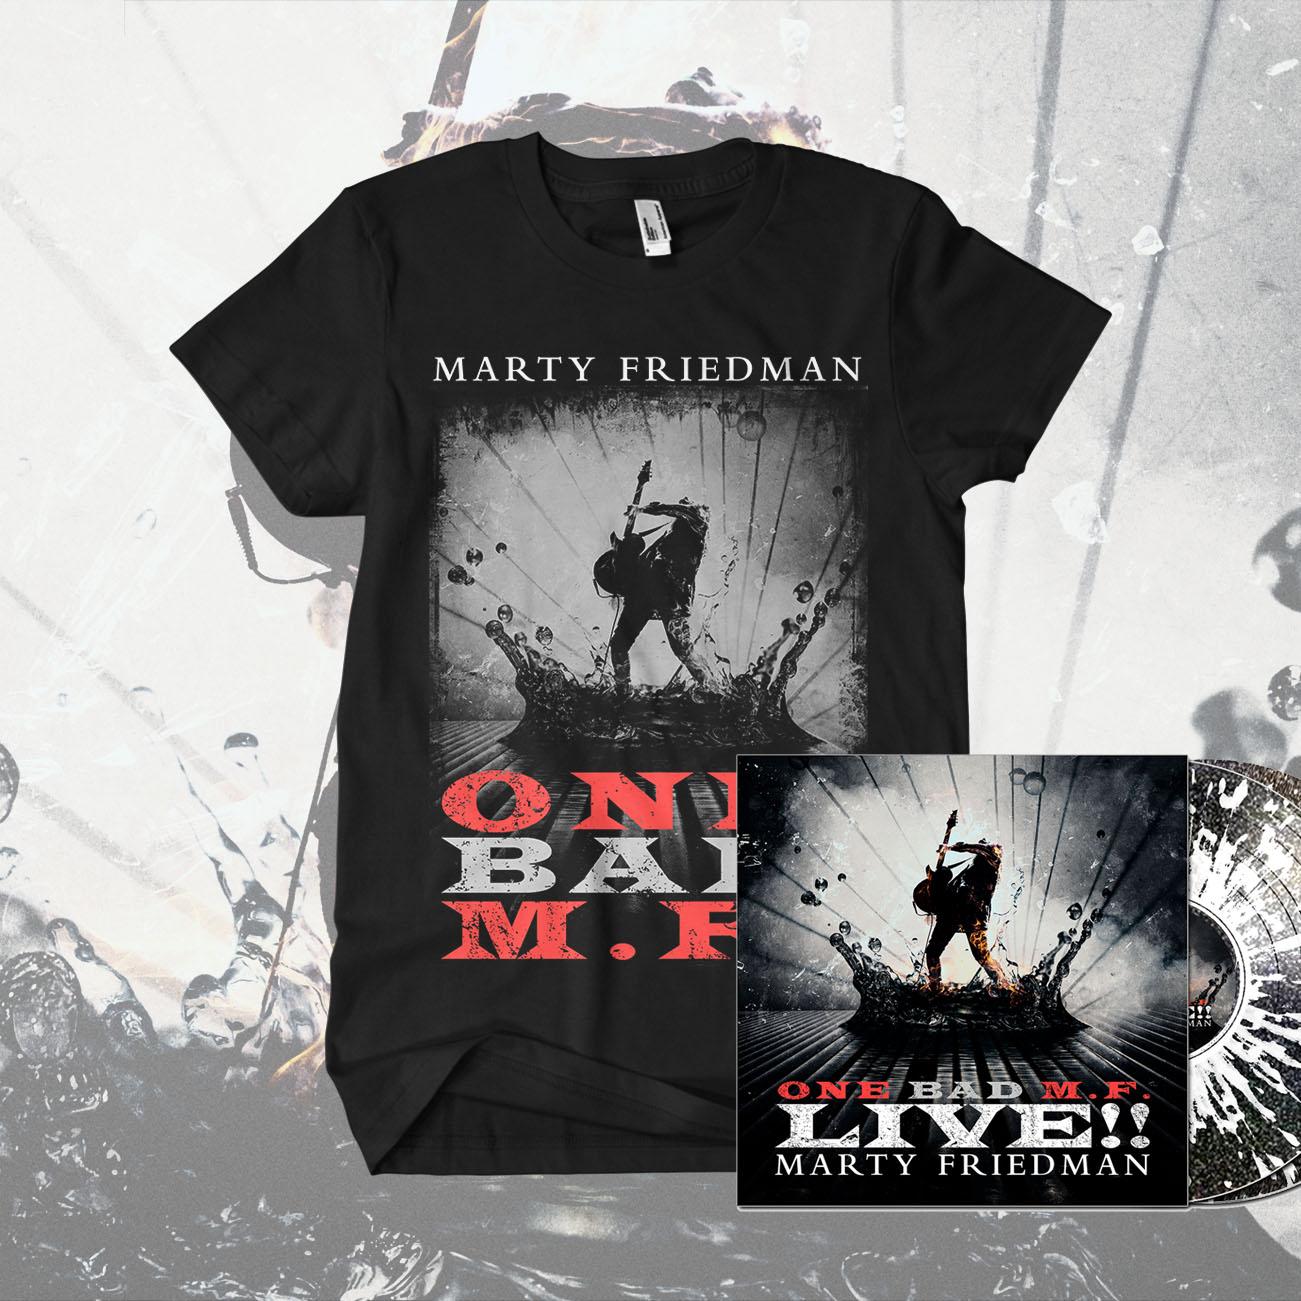 Marty Friedman - ''One Bad M.F. Live!!' Black Sparkle with Clear Splatter 2LP & T-Shirt Bundle - Marty Friedman